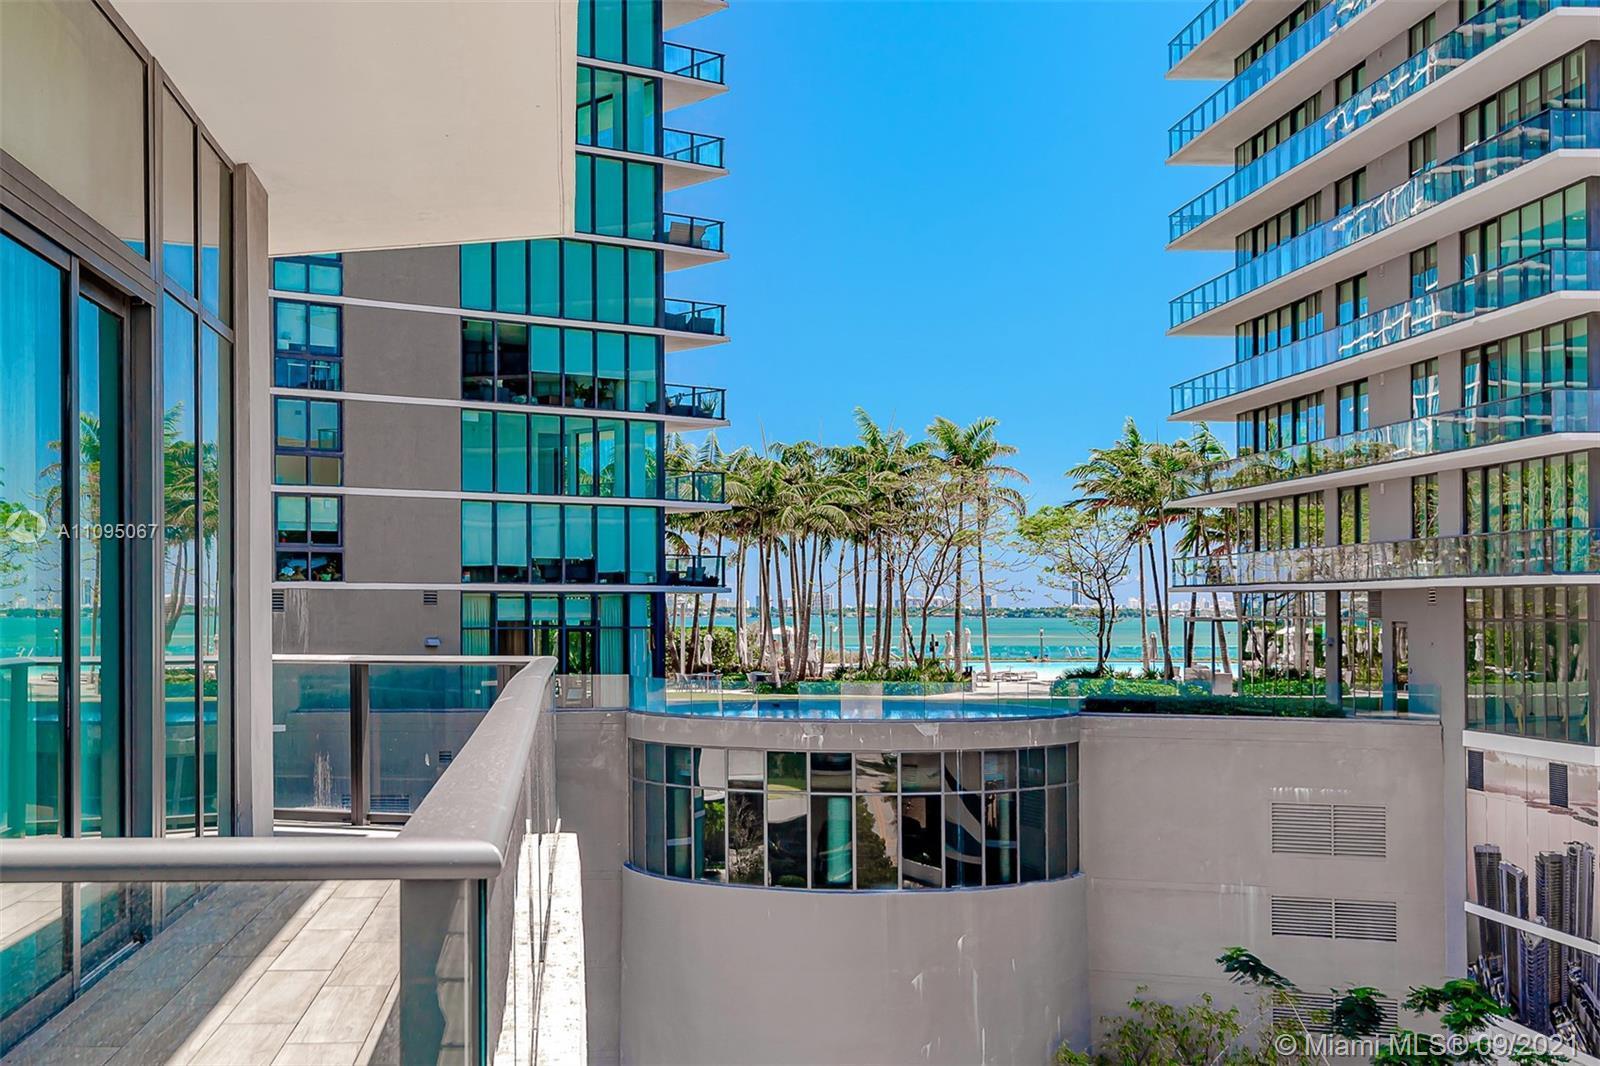 501 NE 31st St 407, Miami, FL, 33137